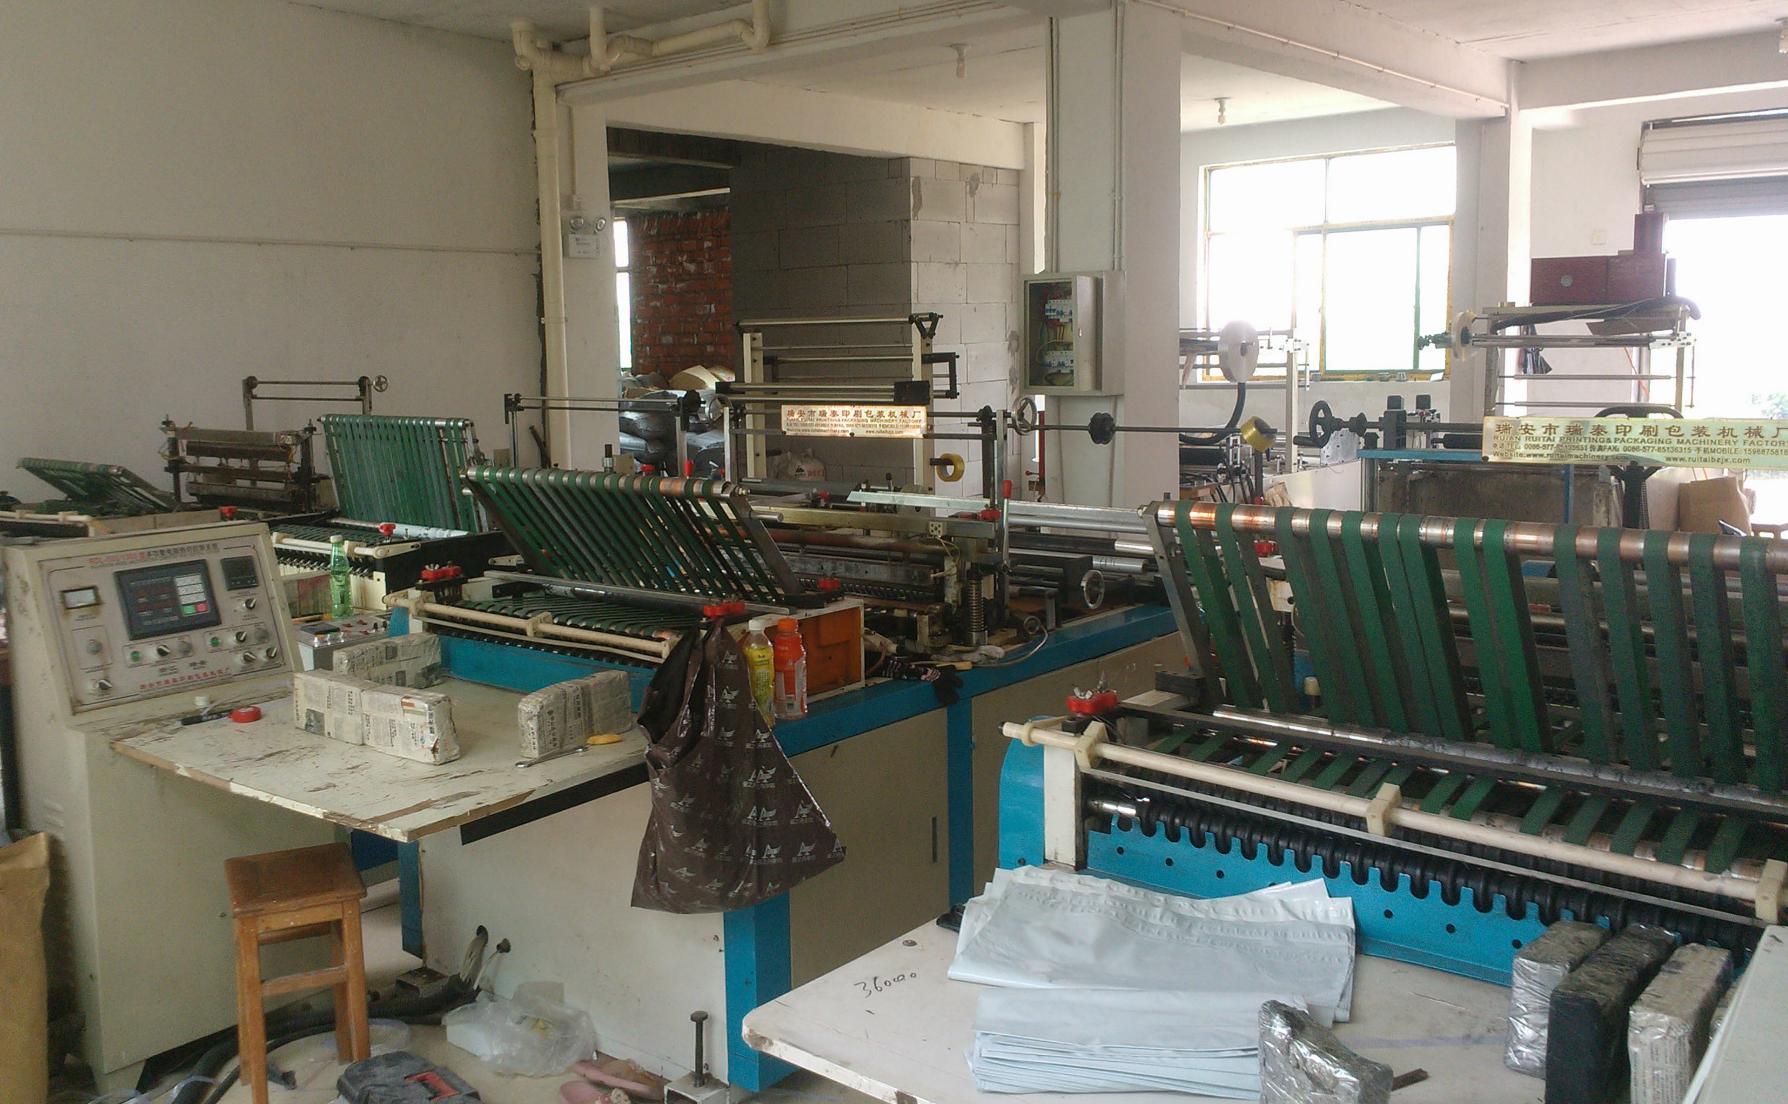 Đừng để cơ sở sản xuất túi vải đựng quà Tết chất lượng kém ảnh hướng đến doanh nghiệp bạn.